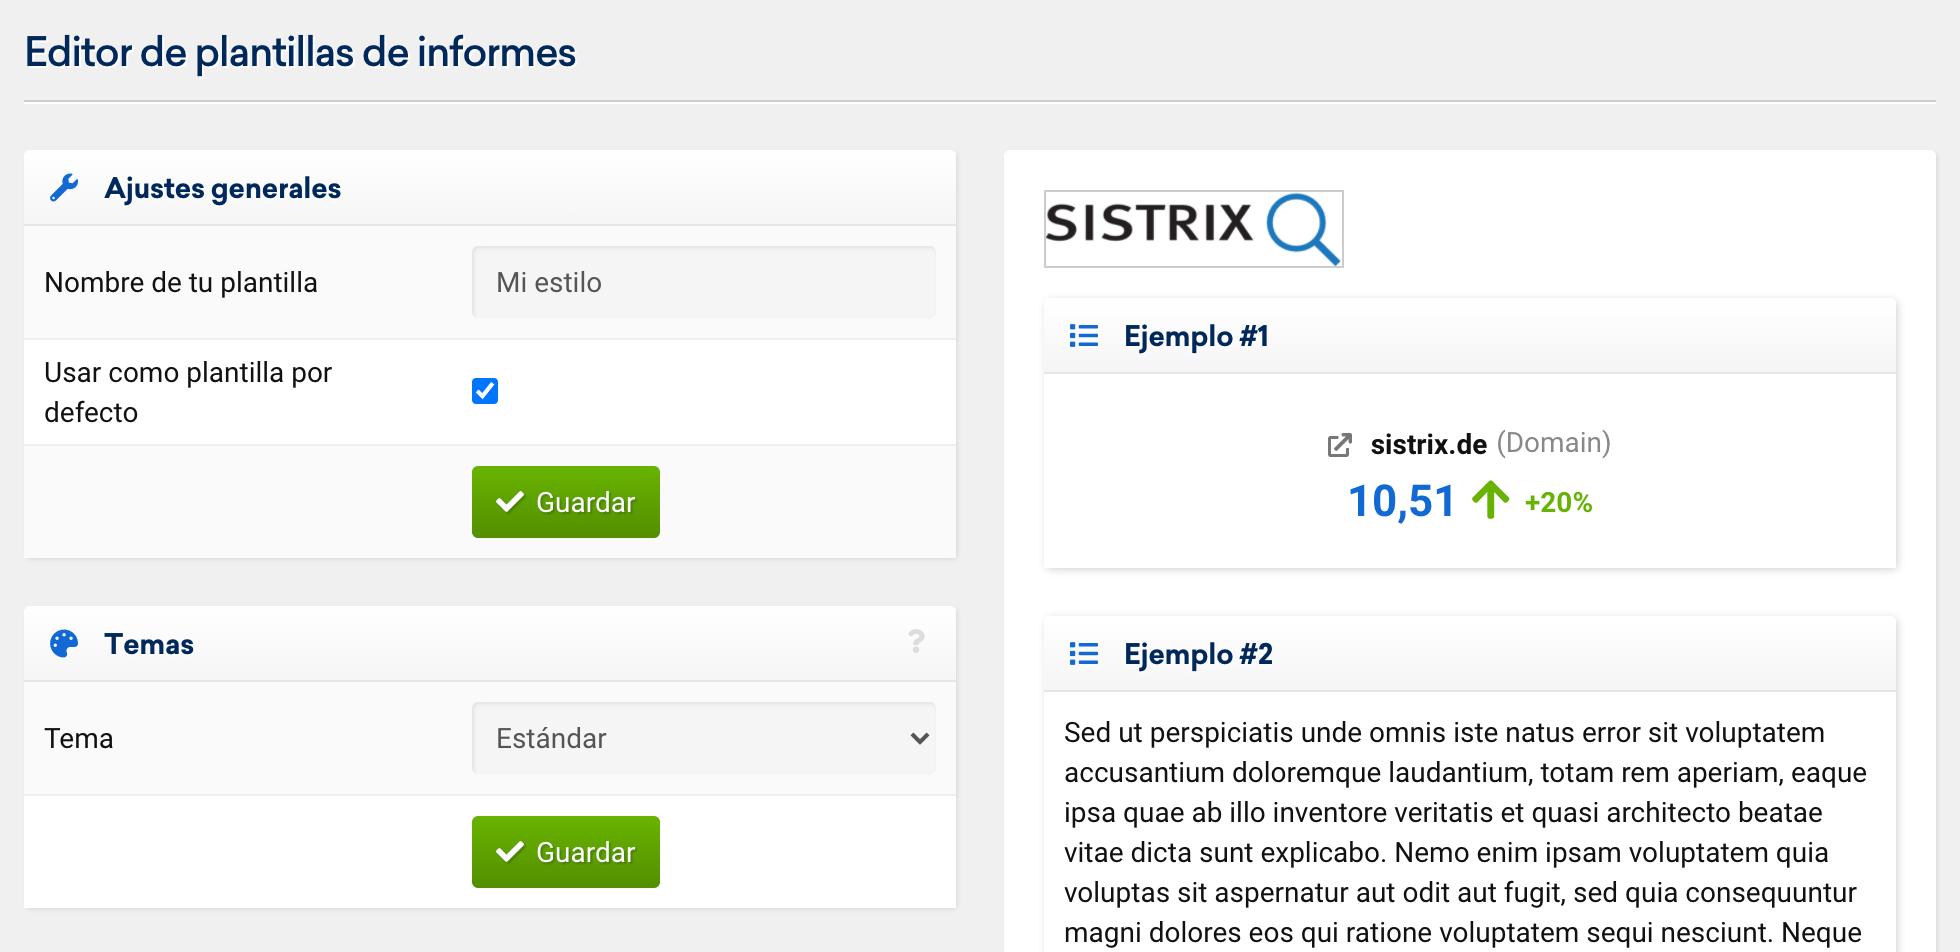 Ajustes generales del informe generado en SISTRIX